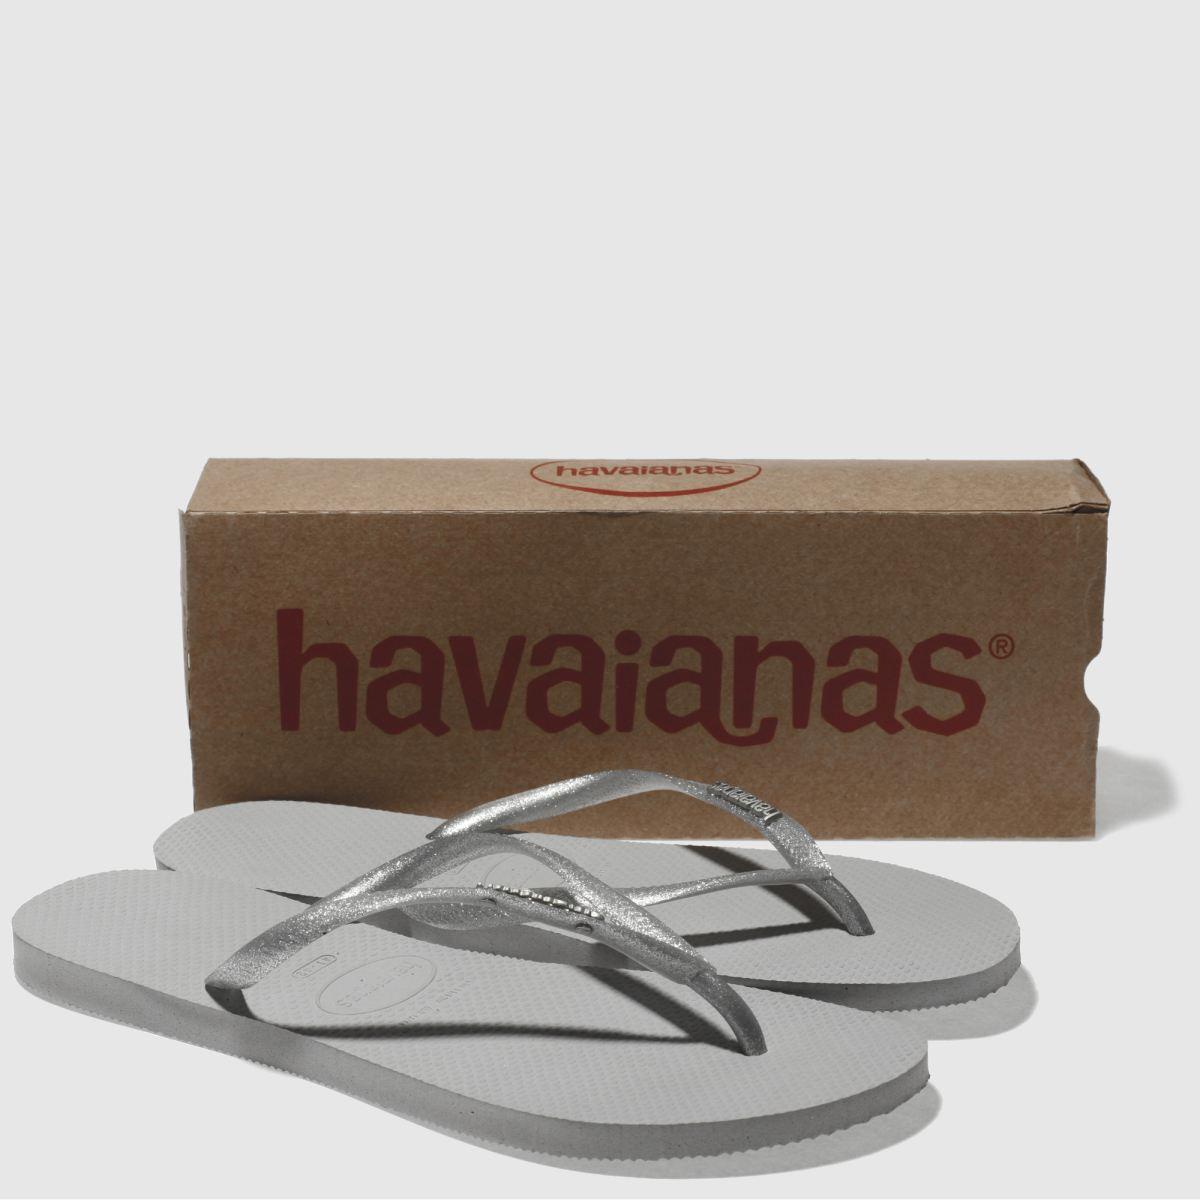 6812d49b480d21 ... Damen Silber Sandalen havaianas Slim Logo Metallic Sandalen Silber